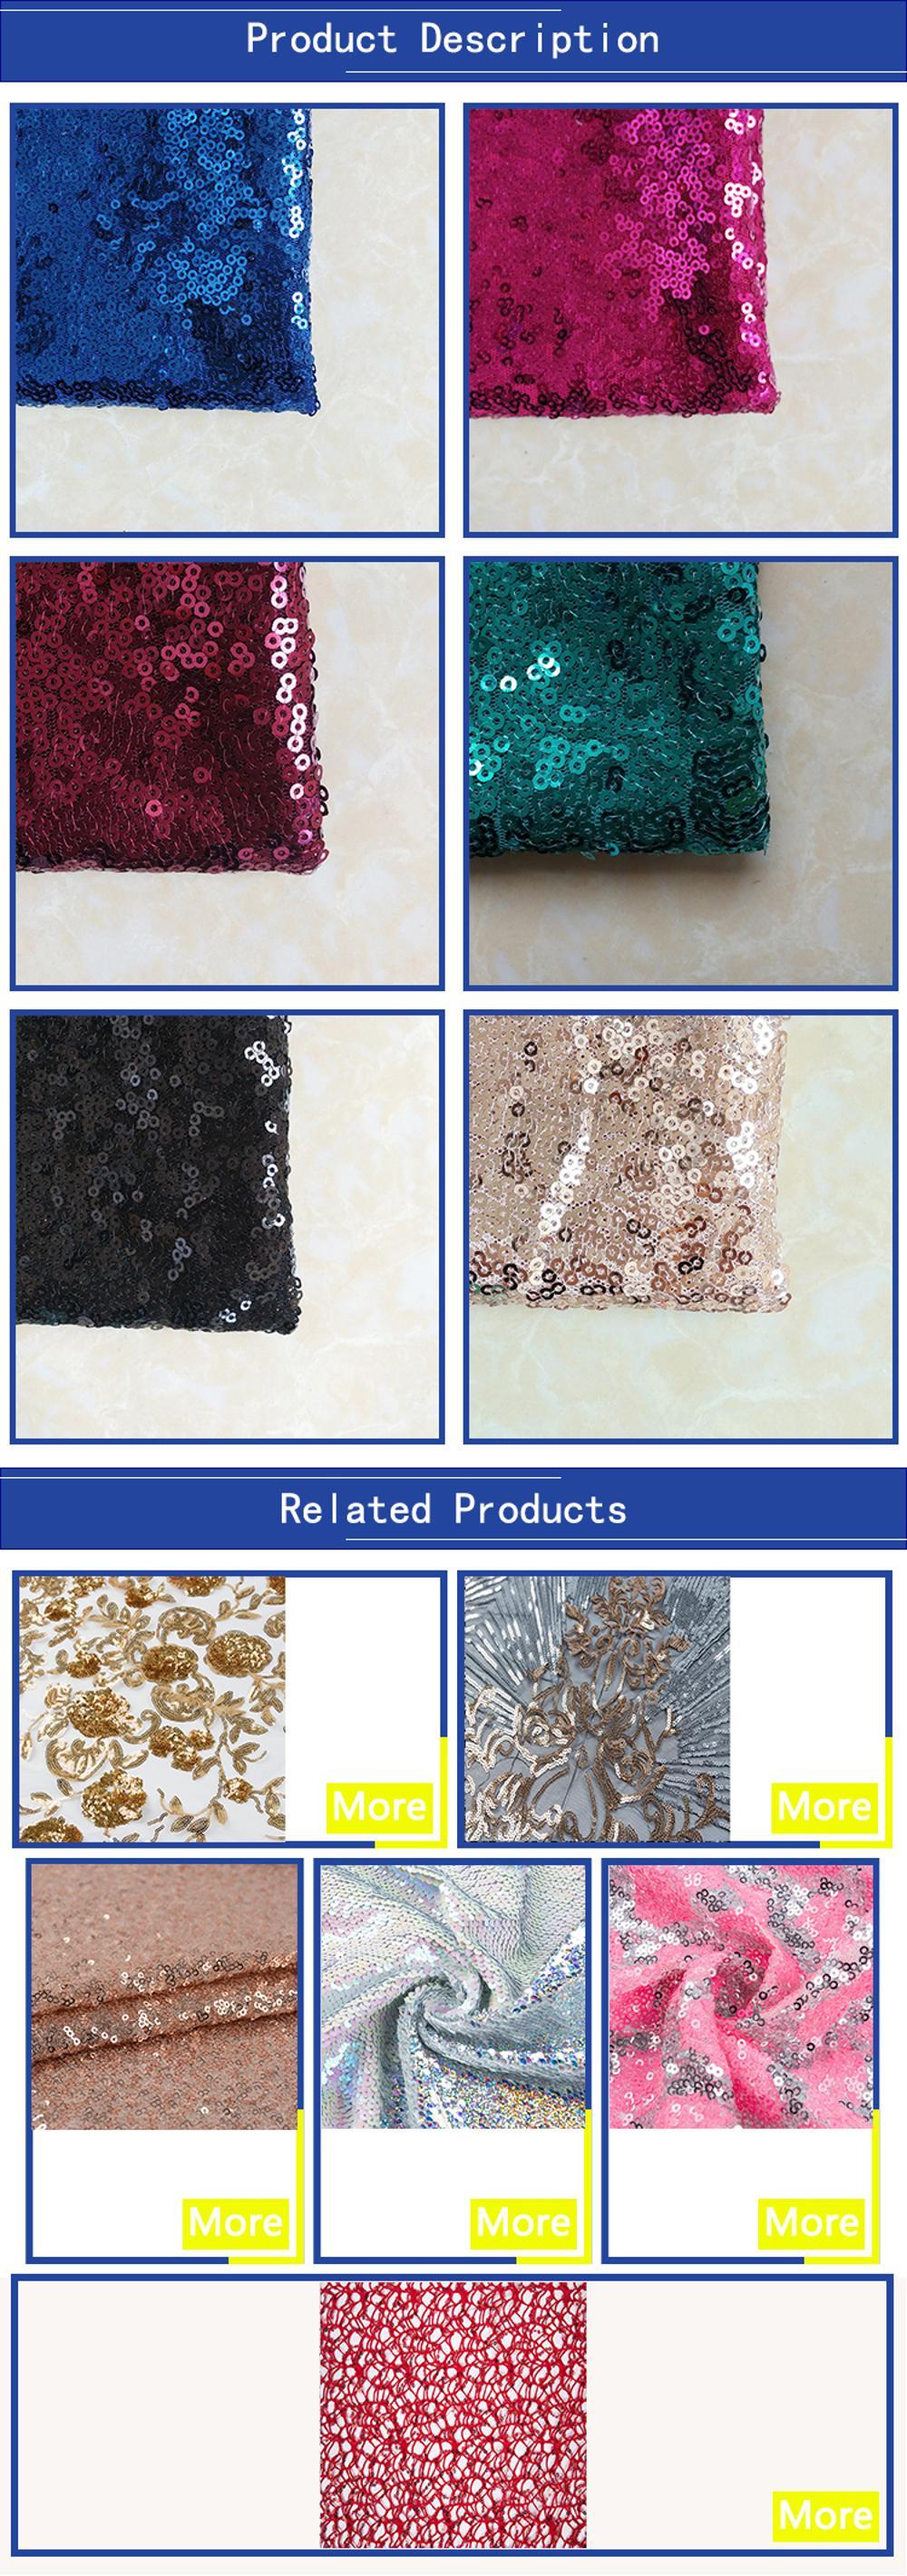 โดยตรงขาย 3mm Glitter ต่างๆที่กำหนดเองออกแบบเลื่อมผ้าตาข่าย Tulle ผ้าดีราคา